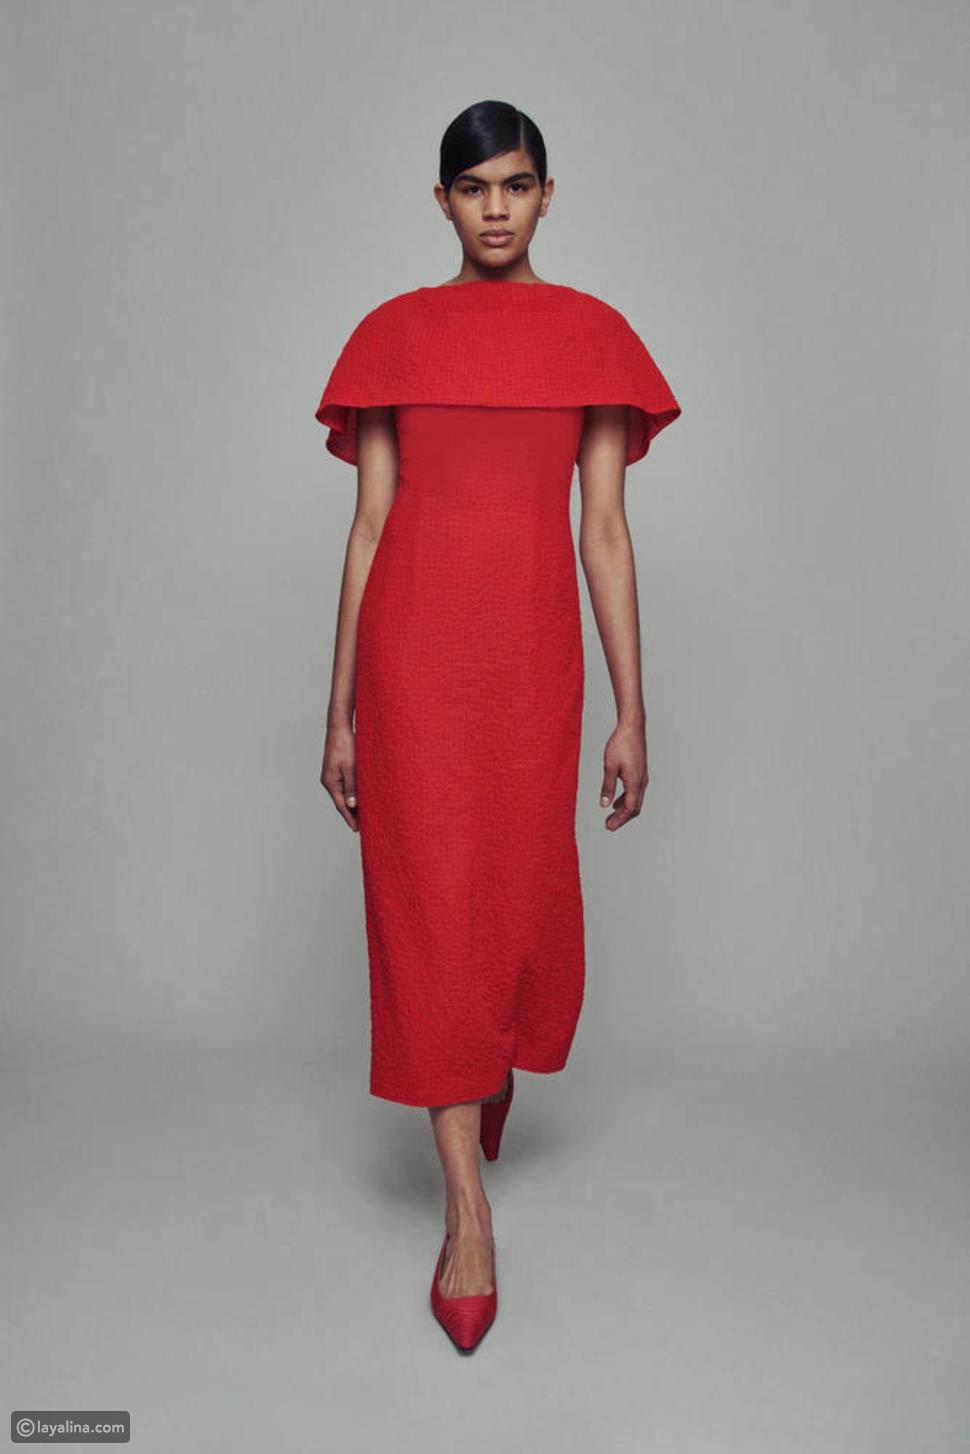 فستان مع الكاب من مجموعةEmilia Wickstead